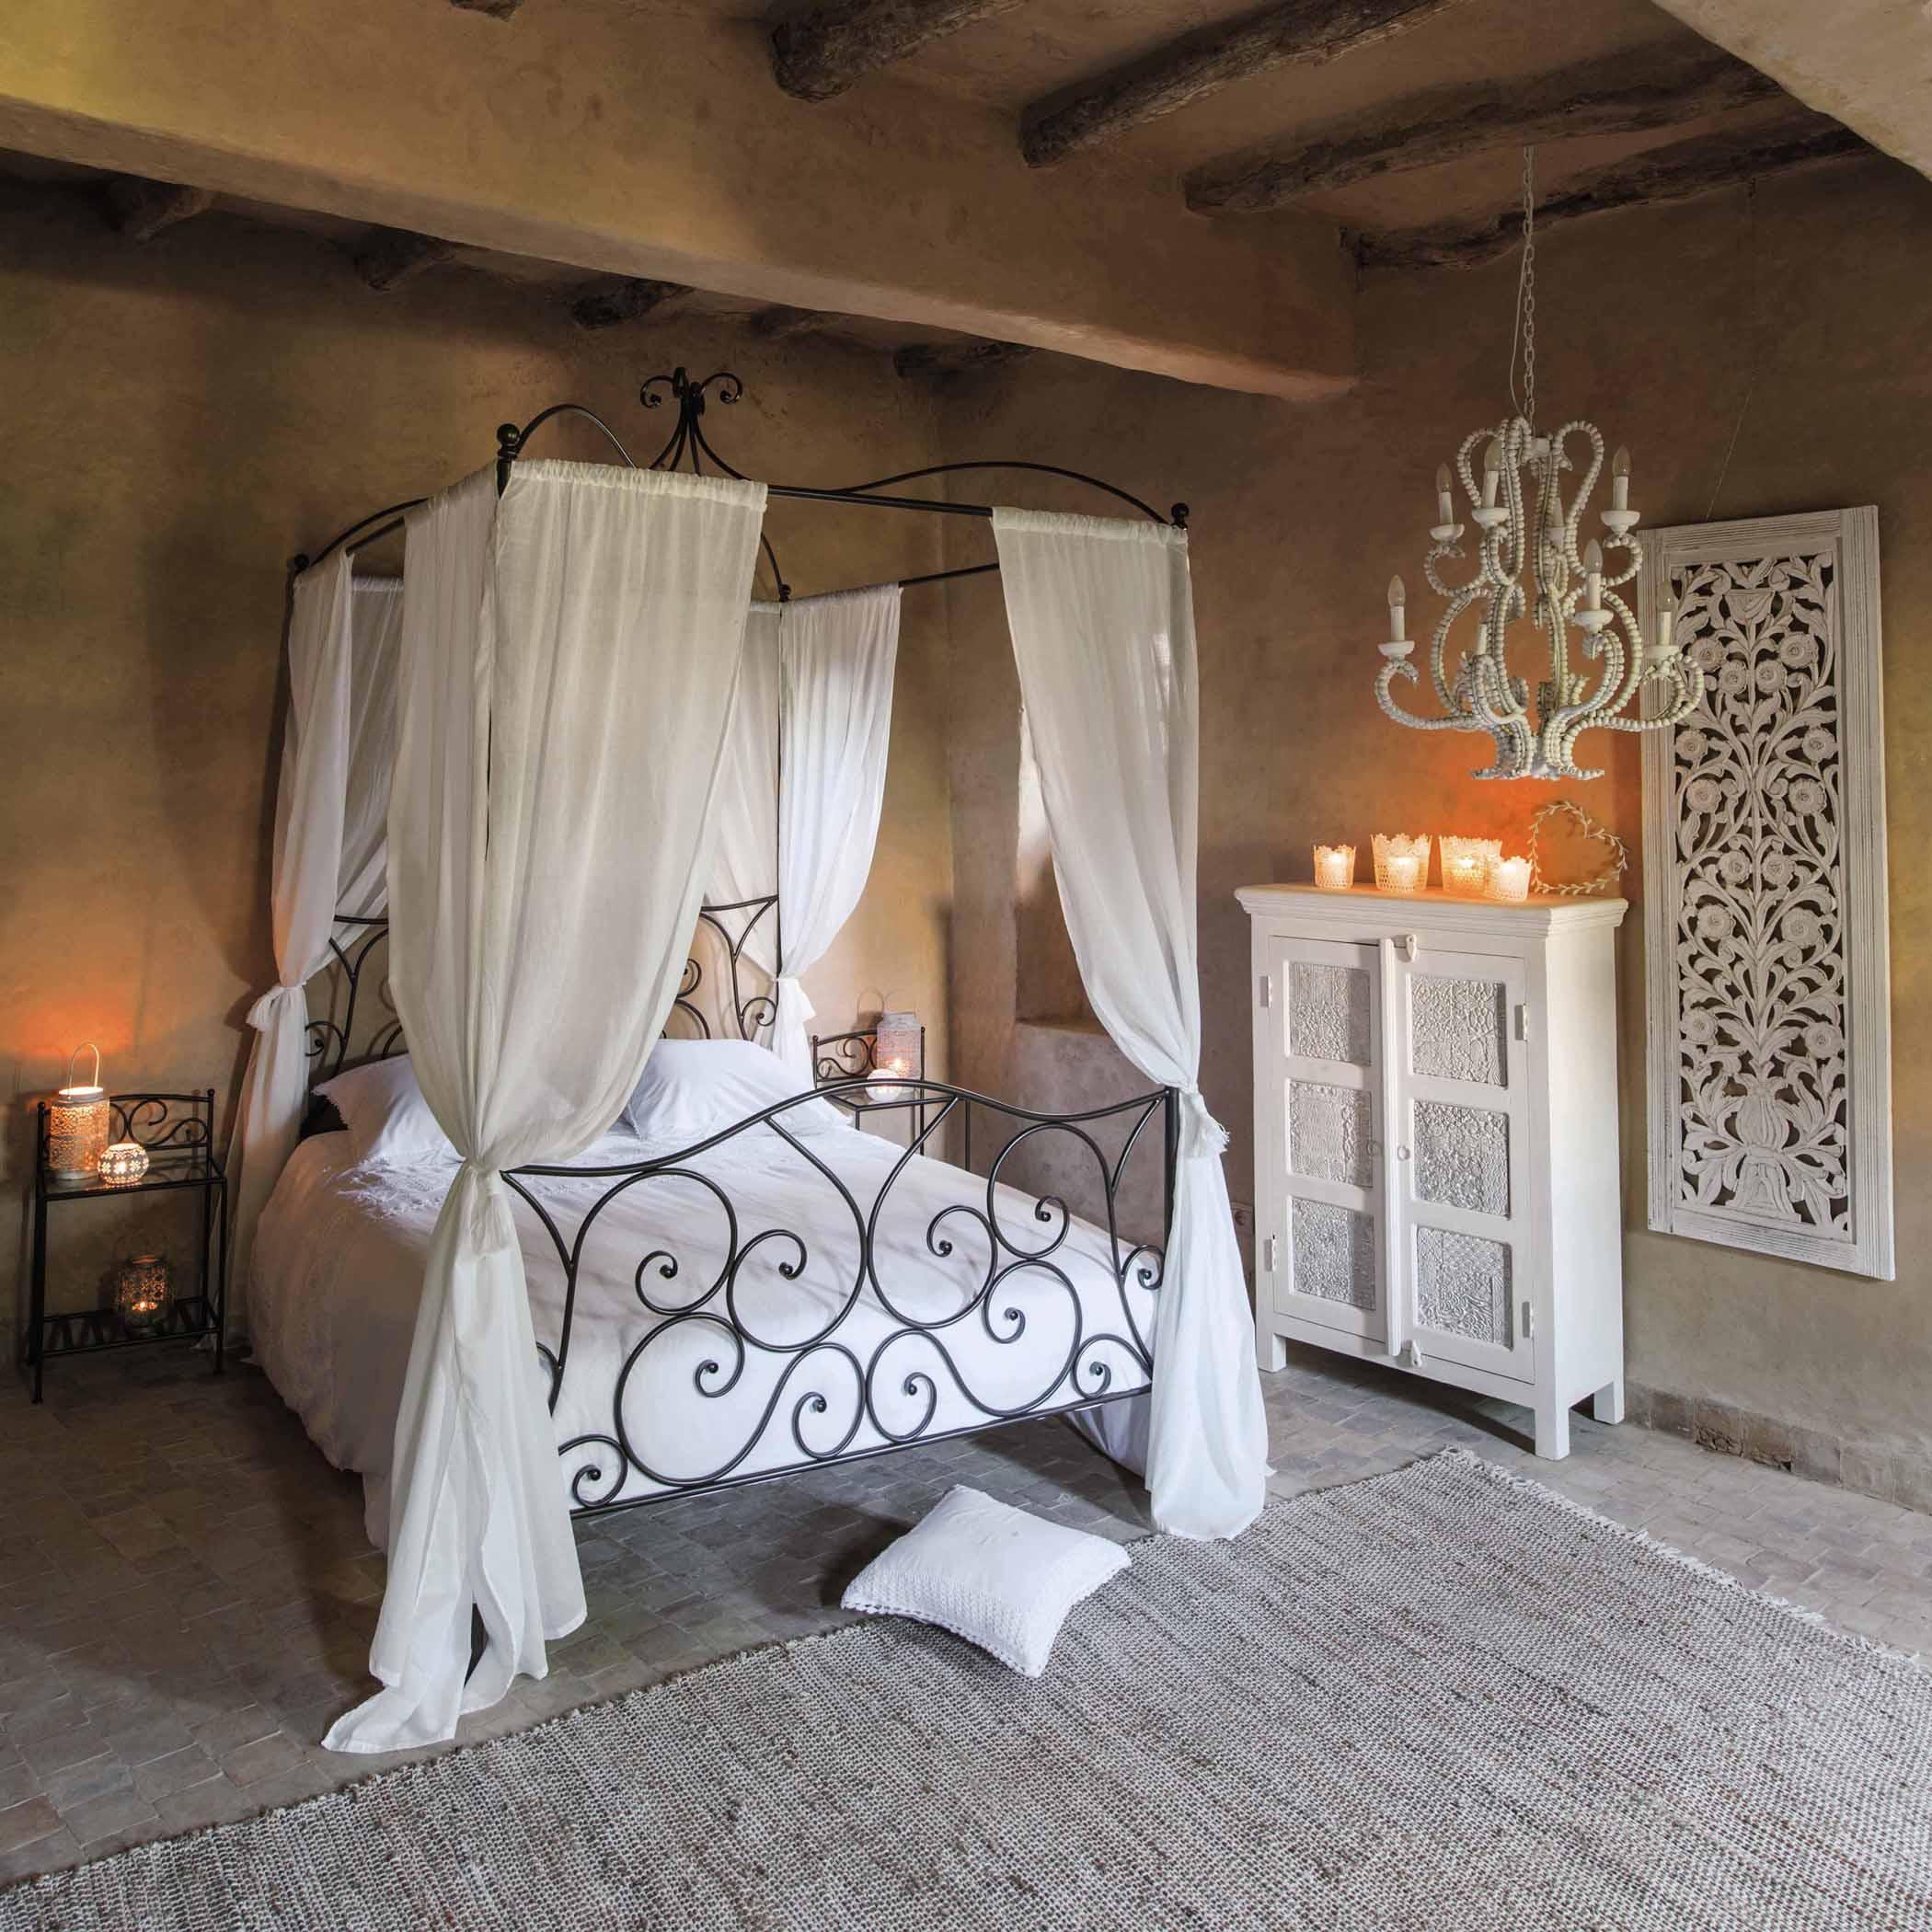 Full Size of Romantisches Schlafzimmer Bilder Ideen Couch Set Mit Matratze Und Lattenrost Komplett Massivholz Deckenleuchten Komplettes Eckschrank Rauch Deckenleuchte Schlafzimmer Romantische Schlafzimmer